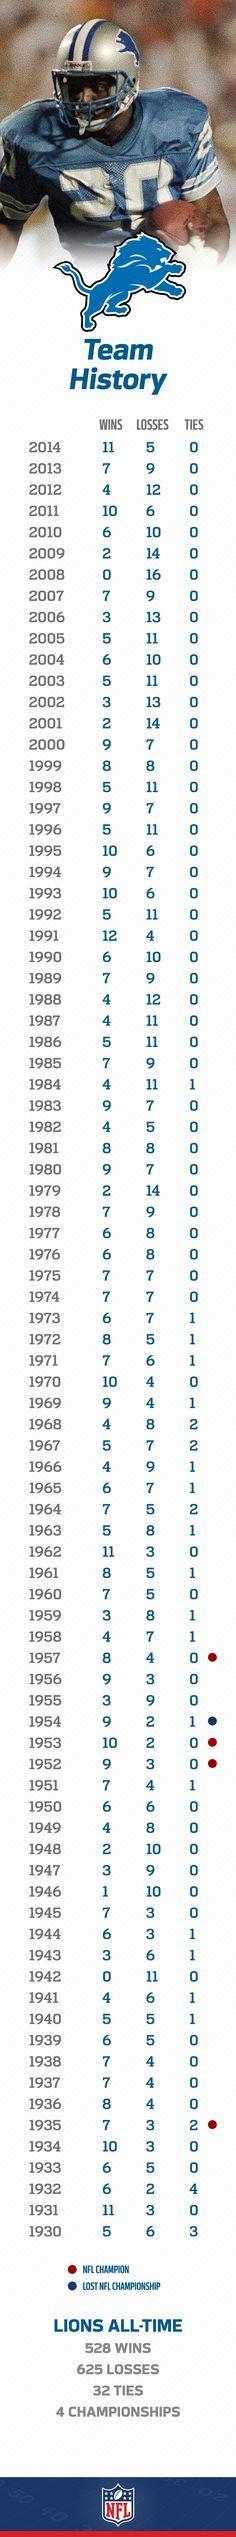 NFL Jerseys - Barry Sanders, Detroit Lions RB #20 | Detroit Lions History ...